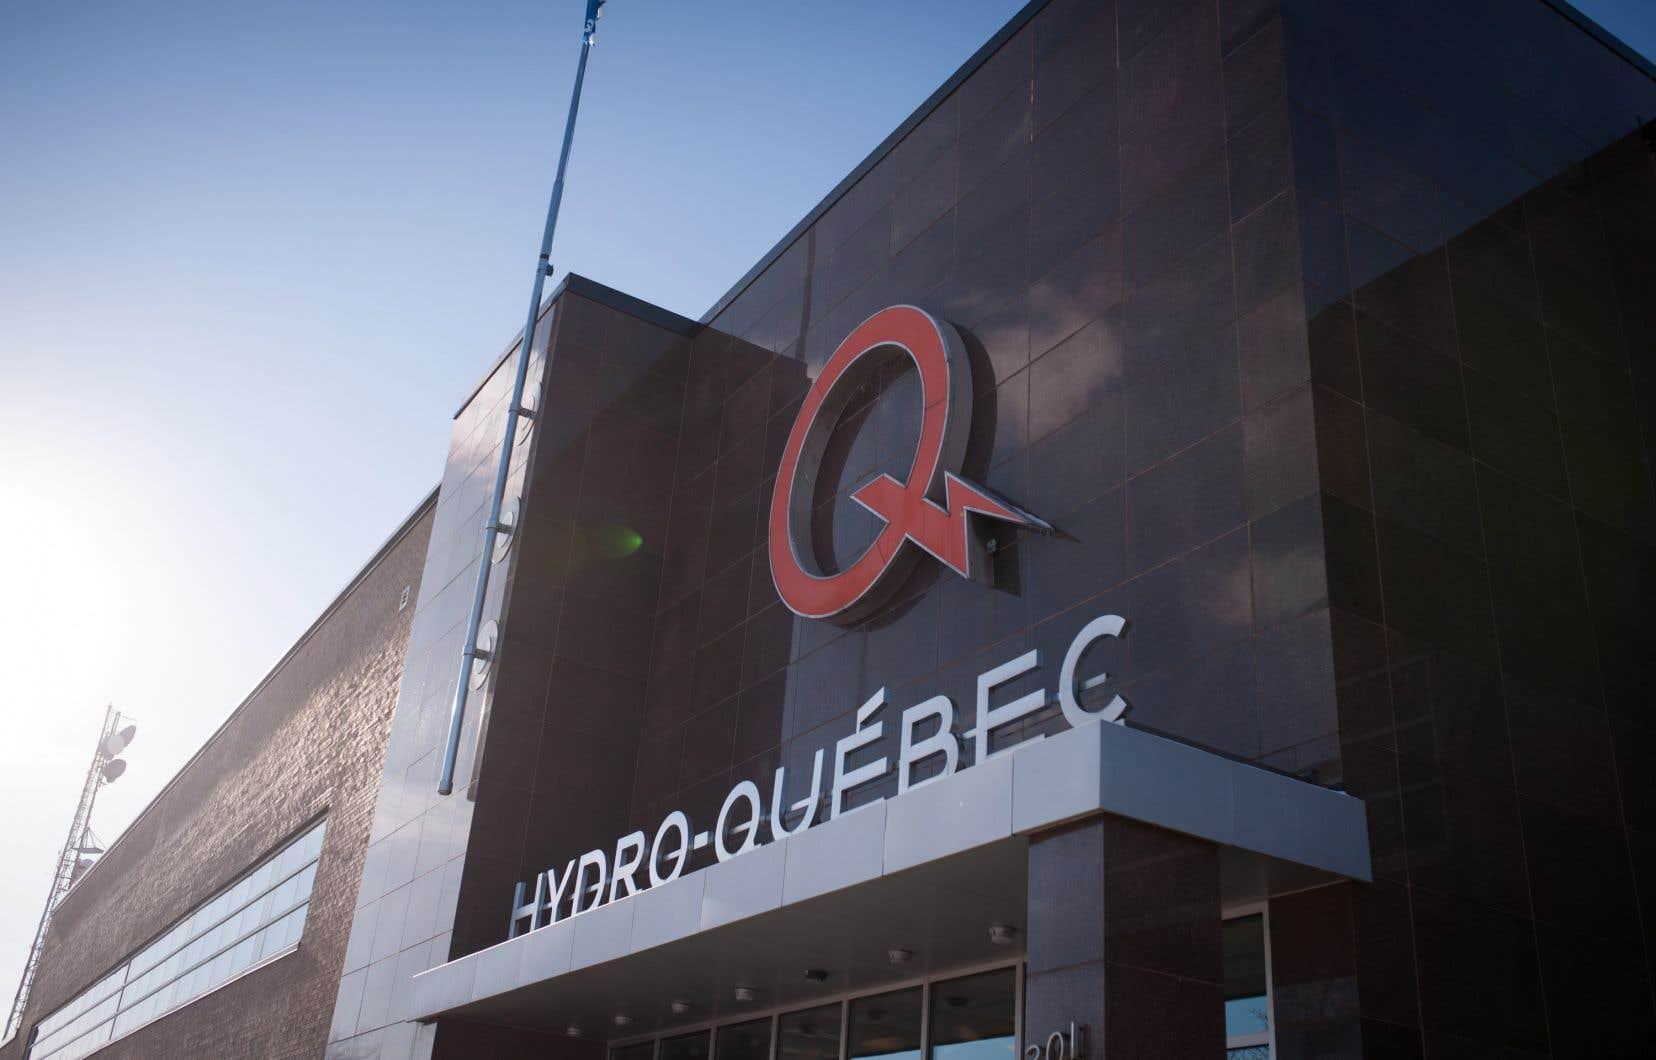 «Le retrait de pouvoirs centraux de la Régie aura pour effet de diminuer son indépendance et de réduire le pouvoir de surveillance et de contrôle des activités d'Hydro-Québec», indiquent les auteurs.